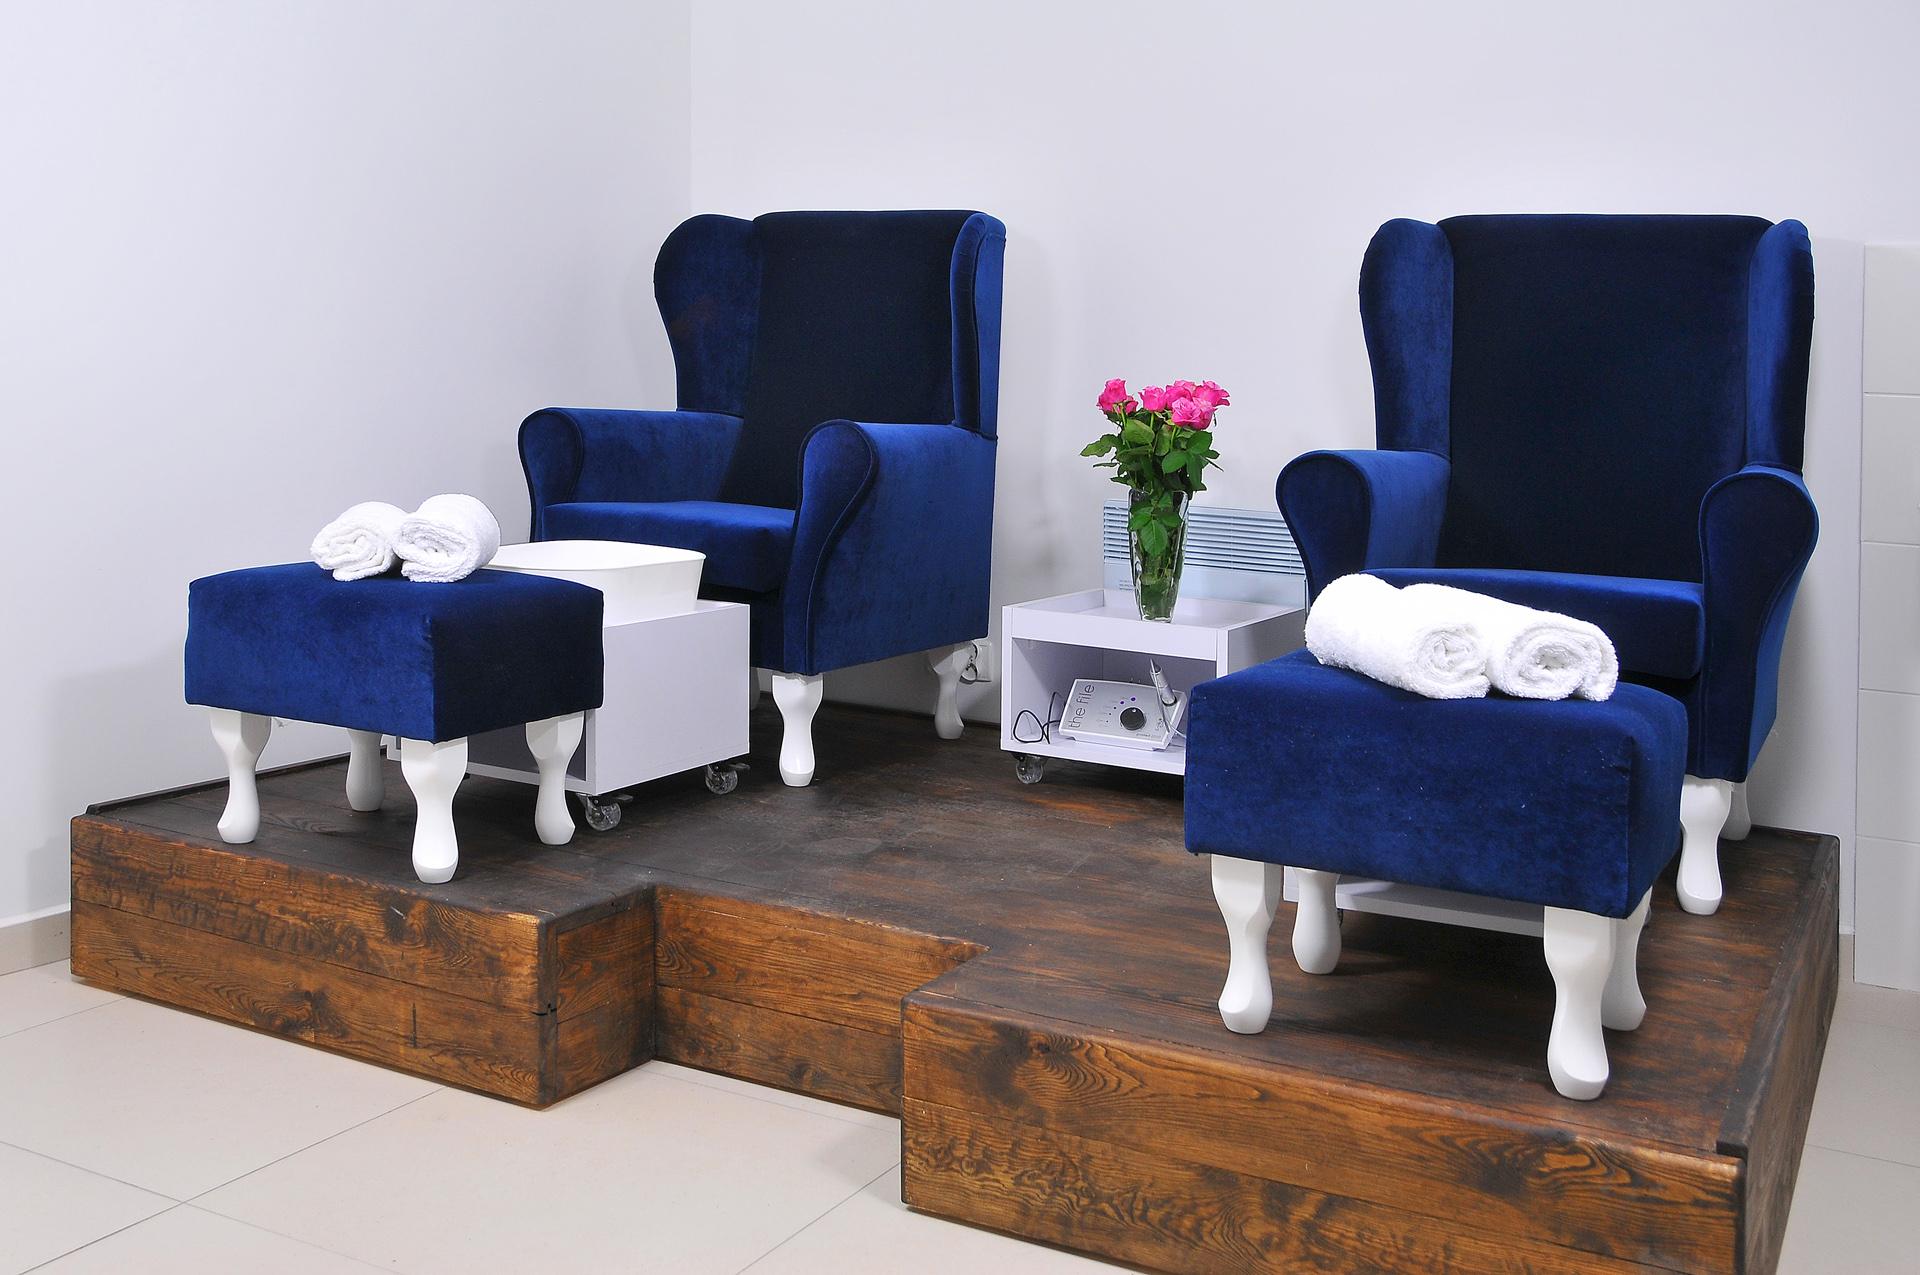 Fotel uszak pikowany ekoskóra Zara uszaki salon - 7072612775 ... 3ea640589d